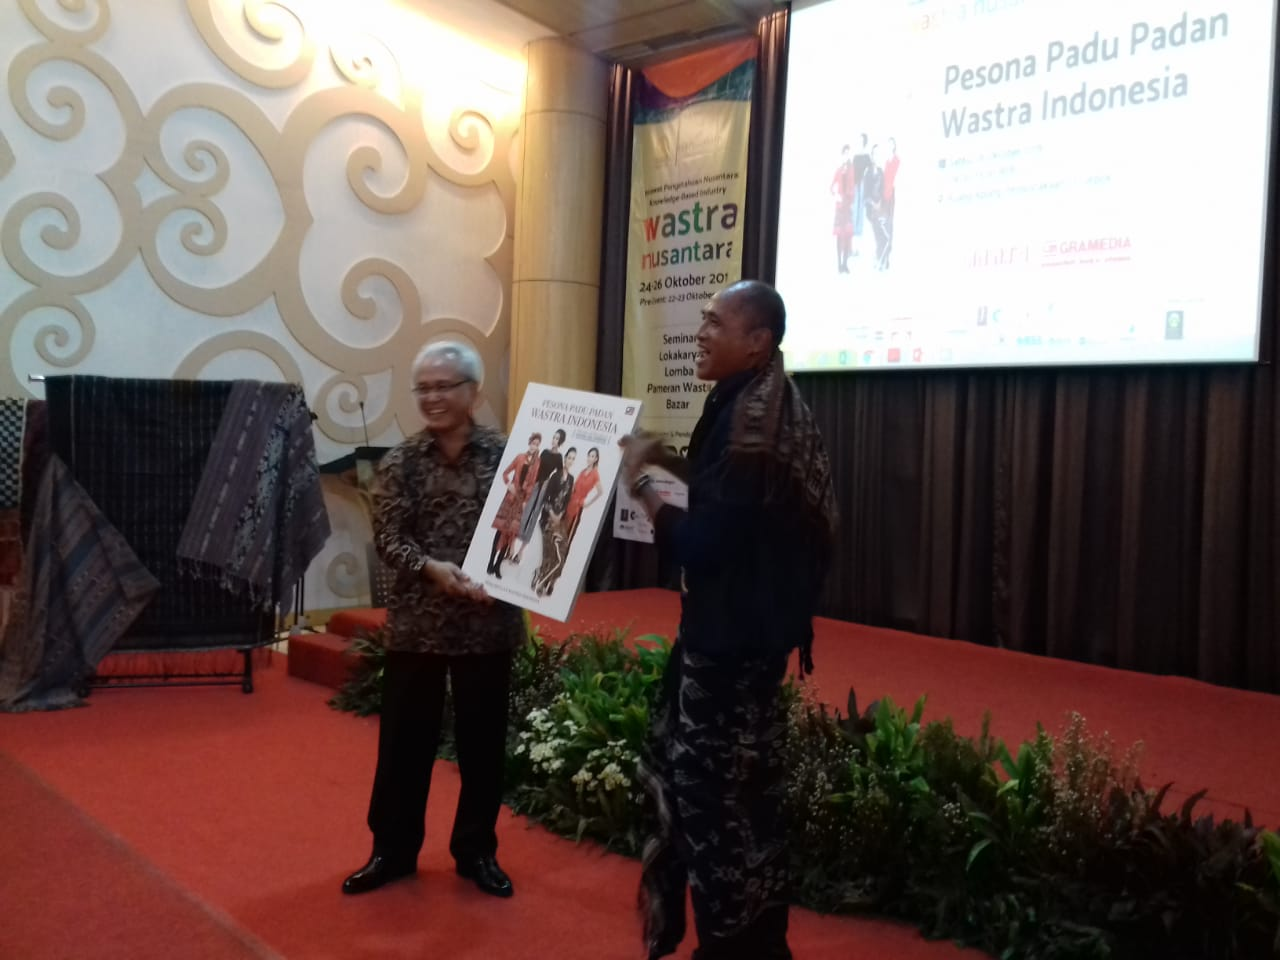 Perkumpulan Wastra Indonesia Menularkan Kegemaran Berkain Lewat